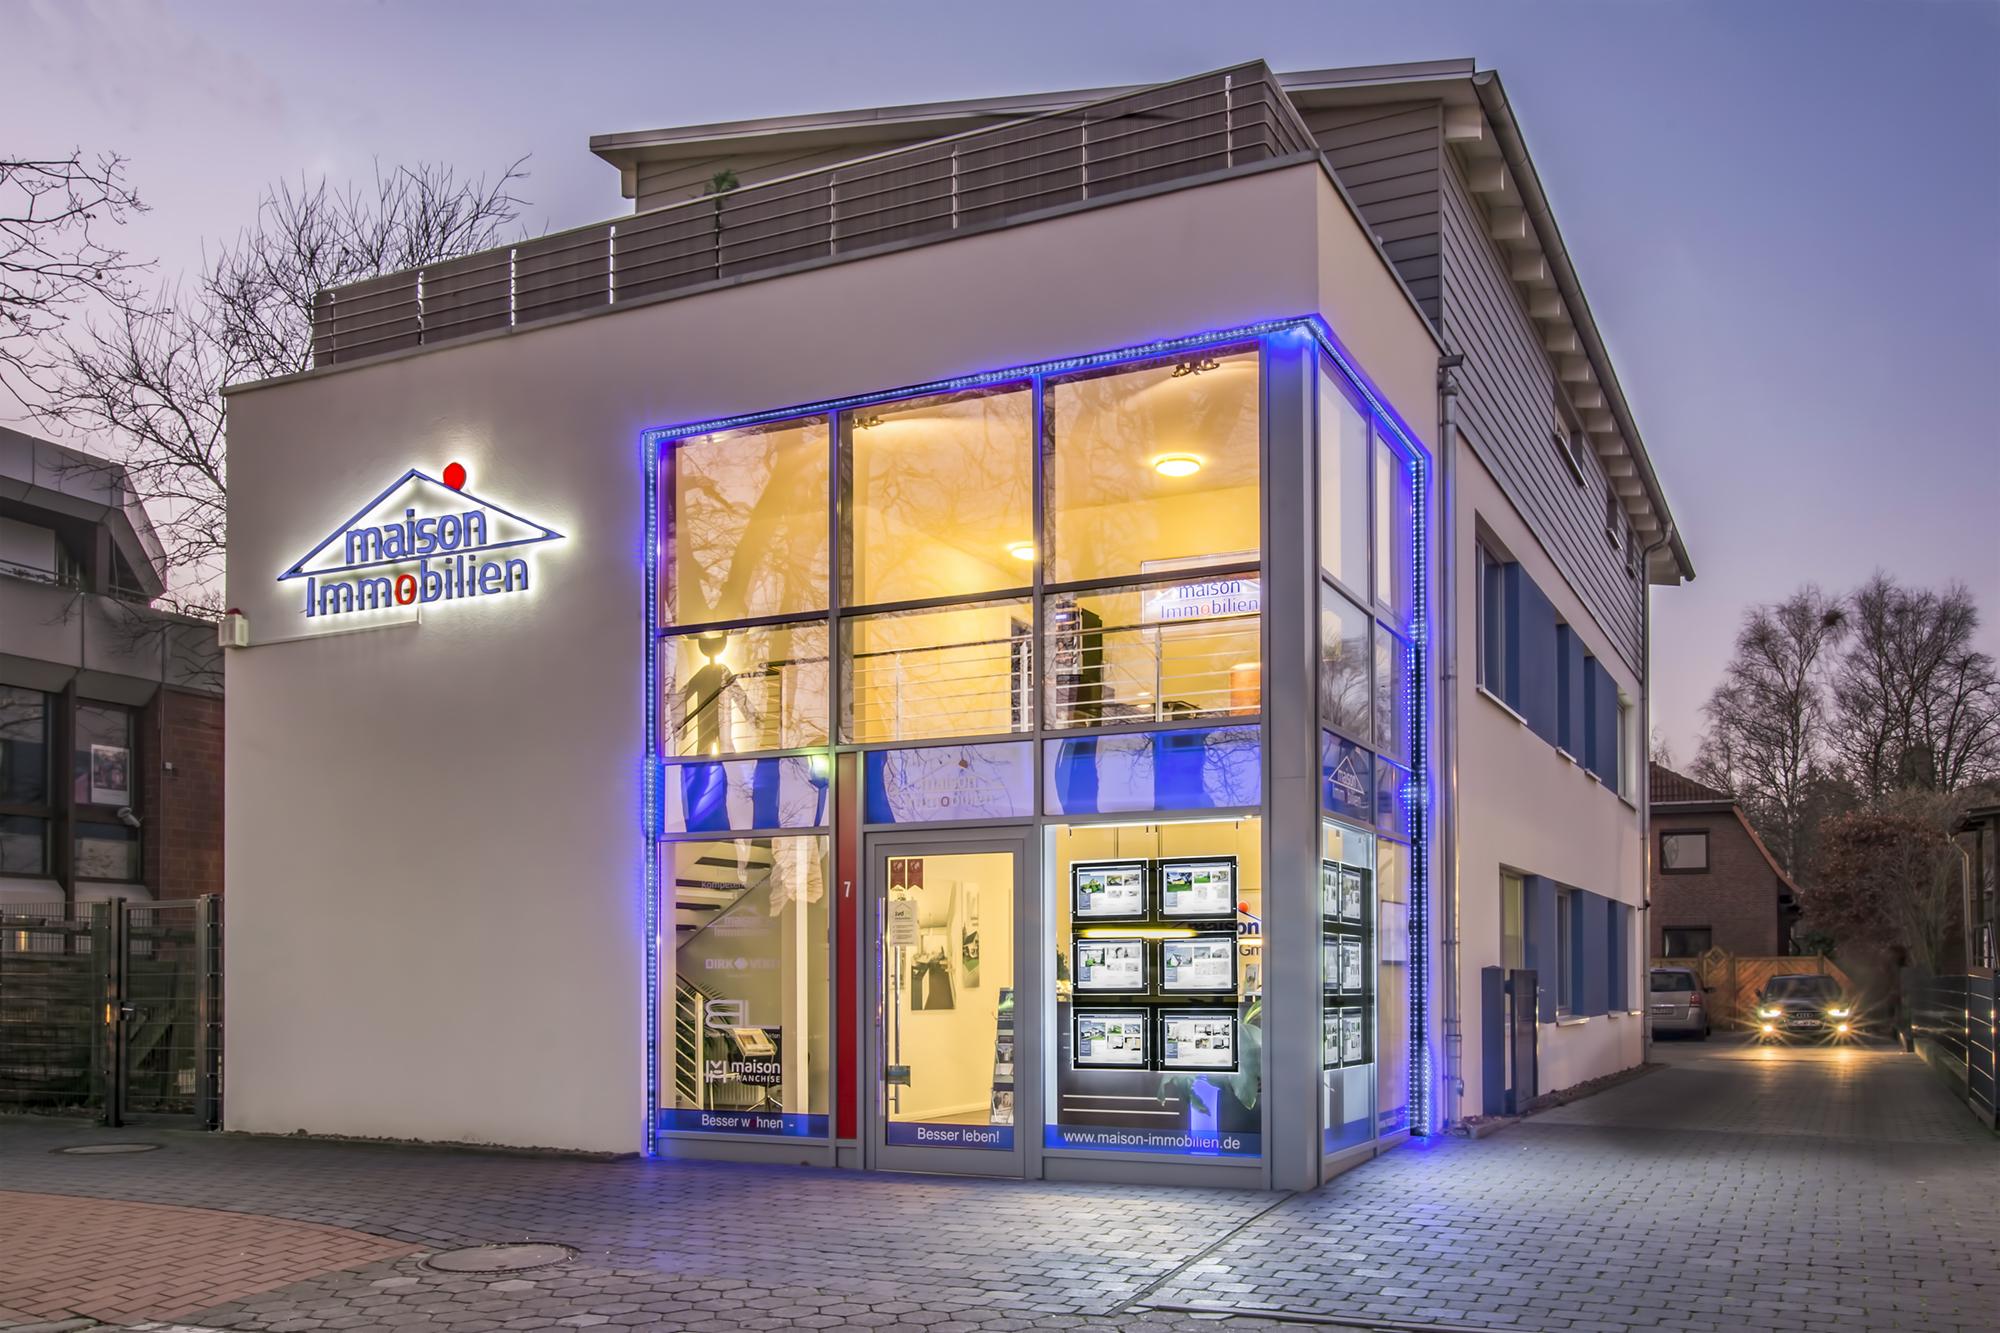 Das Unternehmen maison Immobilien - maison Immobilien GmbH